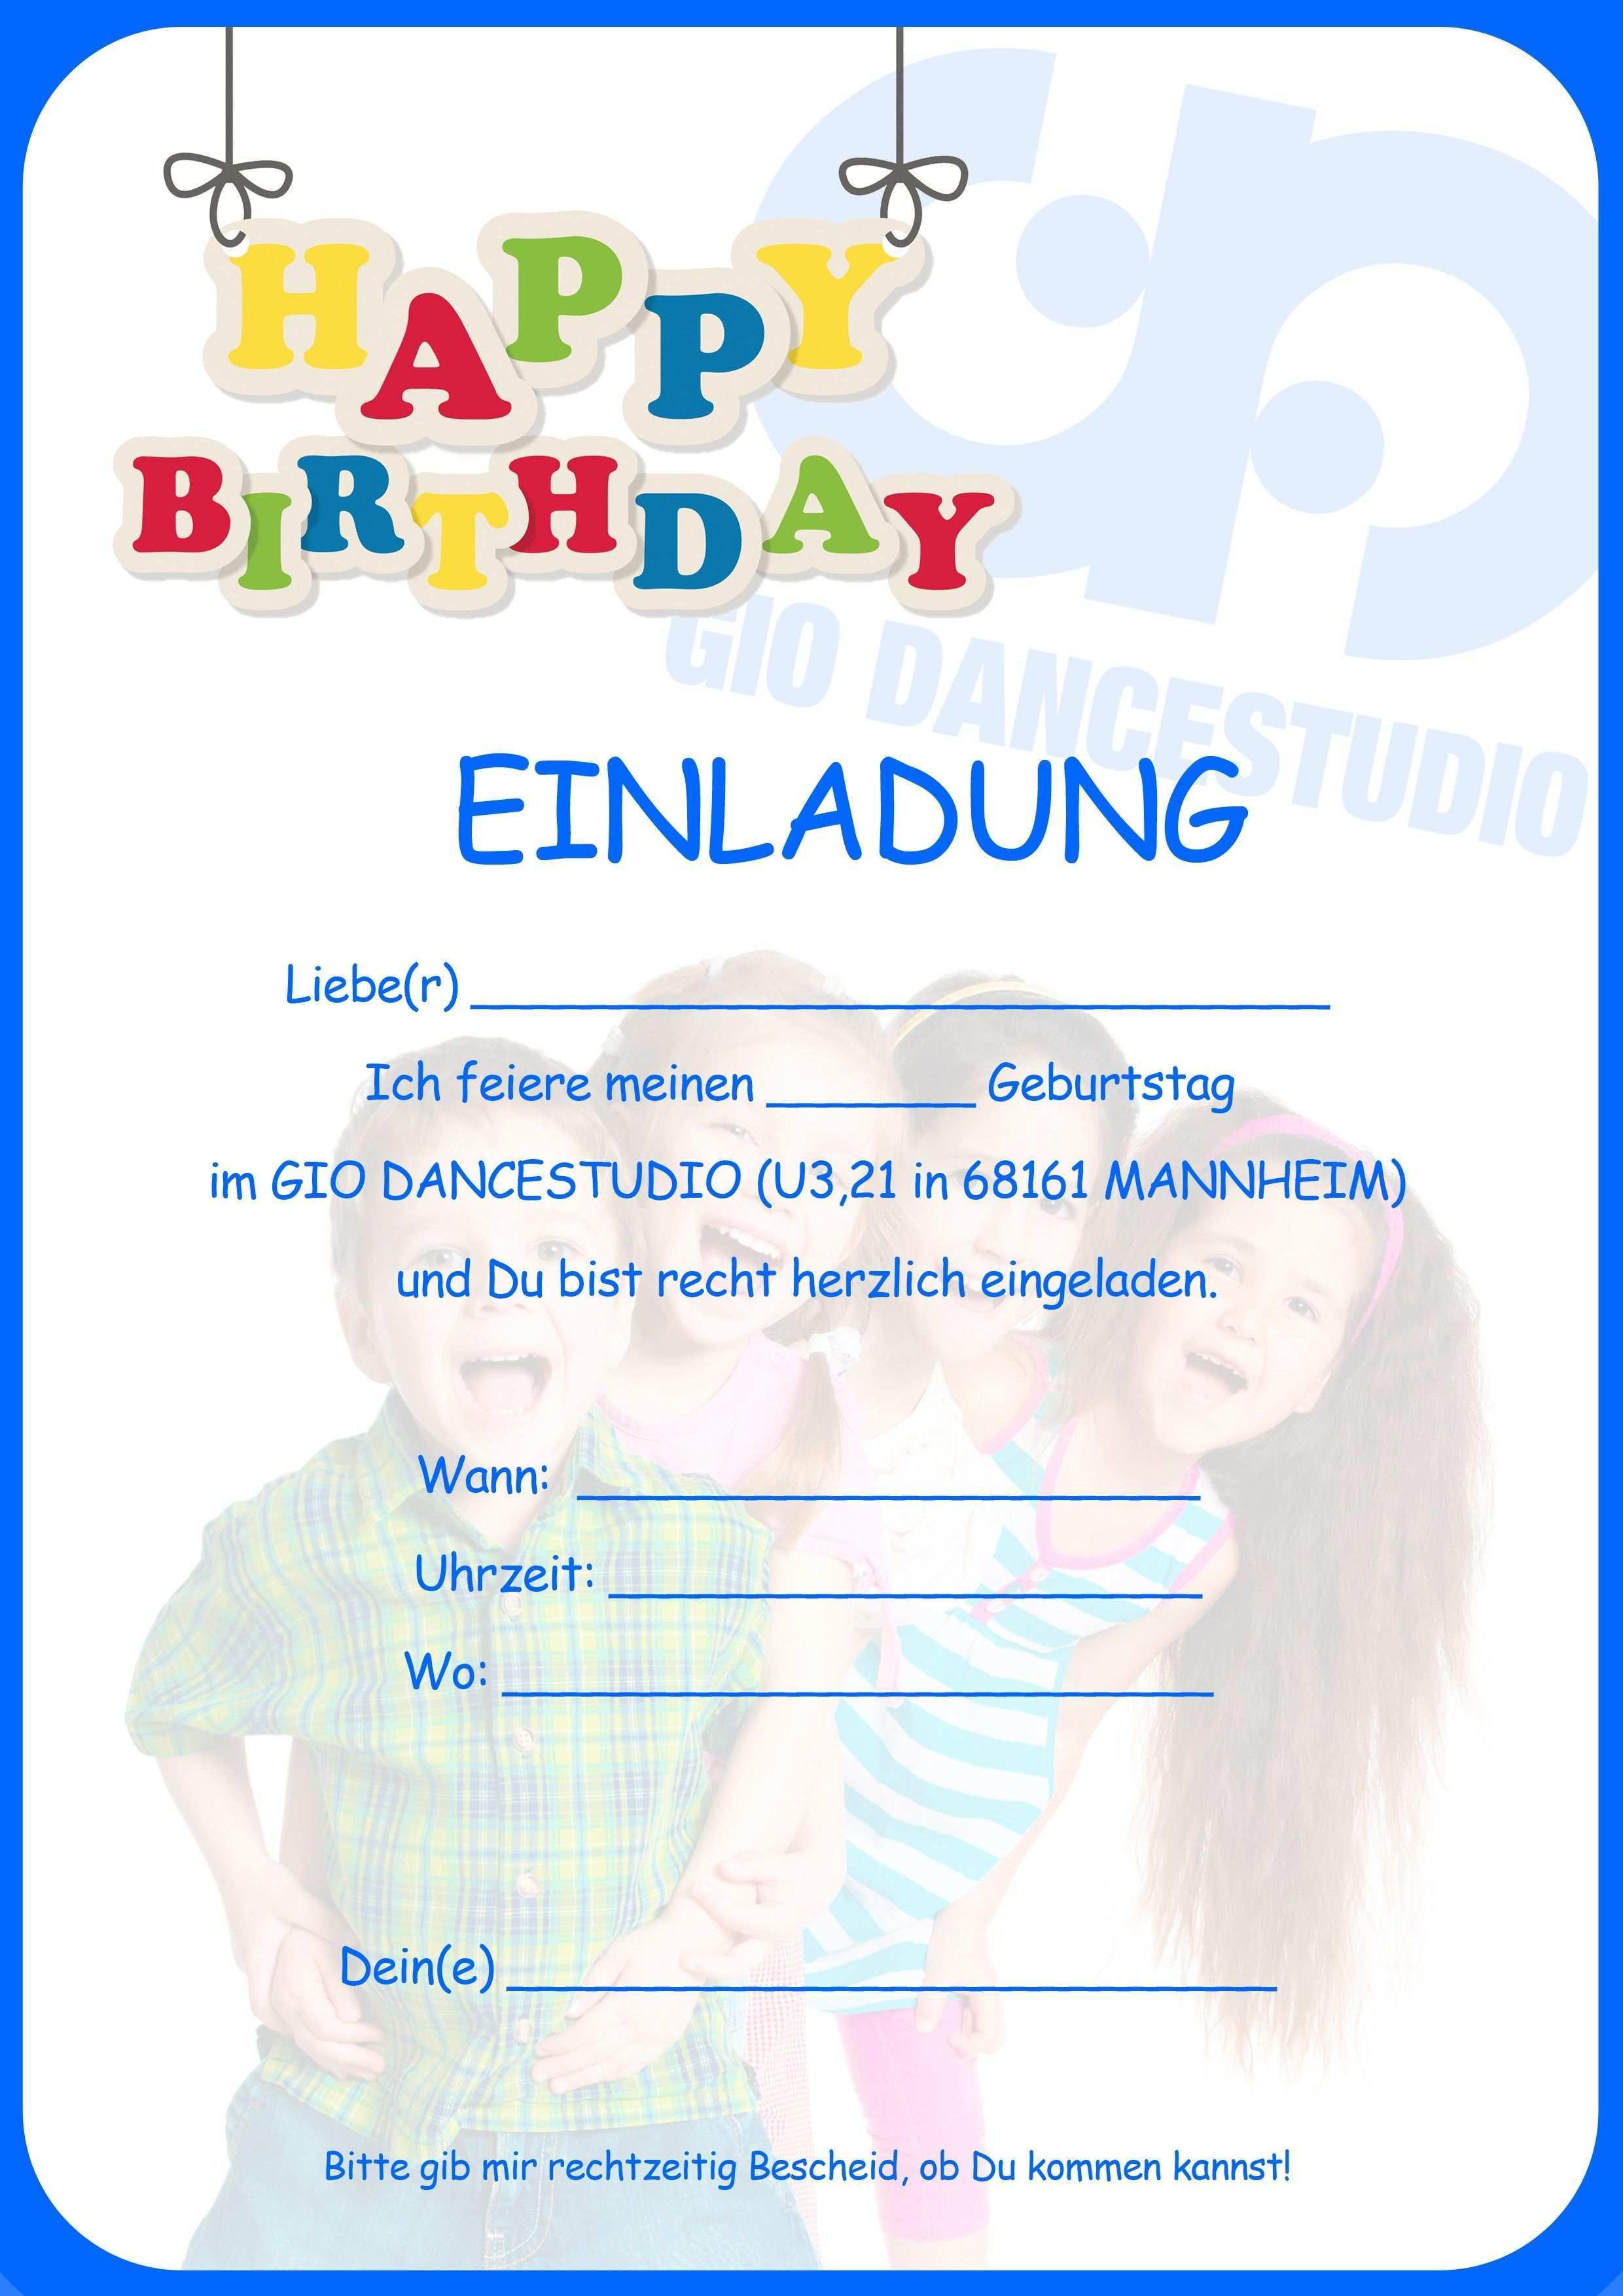 Kindergeburtstag Einladung Online Kostenlos Awesome E Vorlage Einladung Kindergeburtstag Einladung Kindergeburtstag Kostenlos Einladungskarten Kindergeburtstag